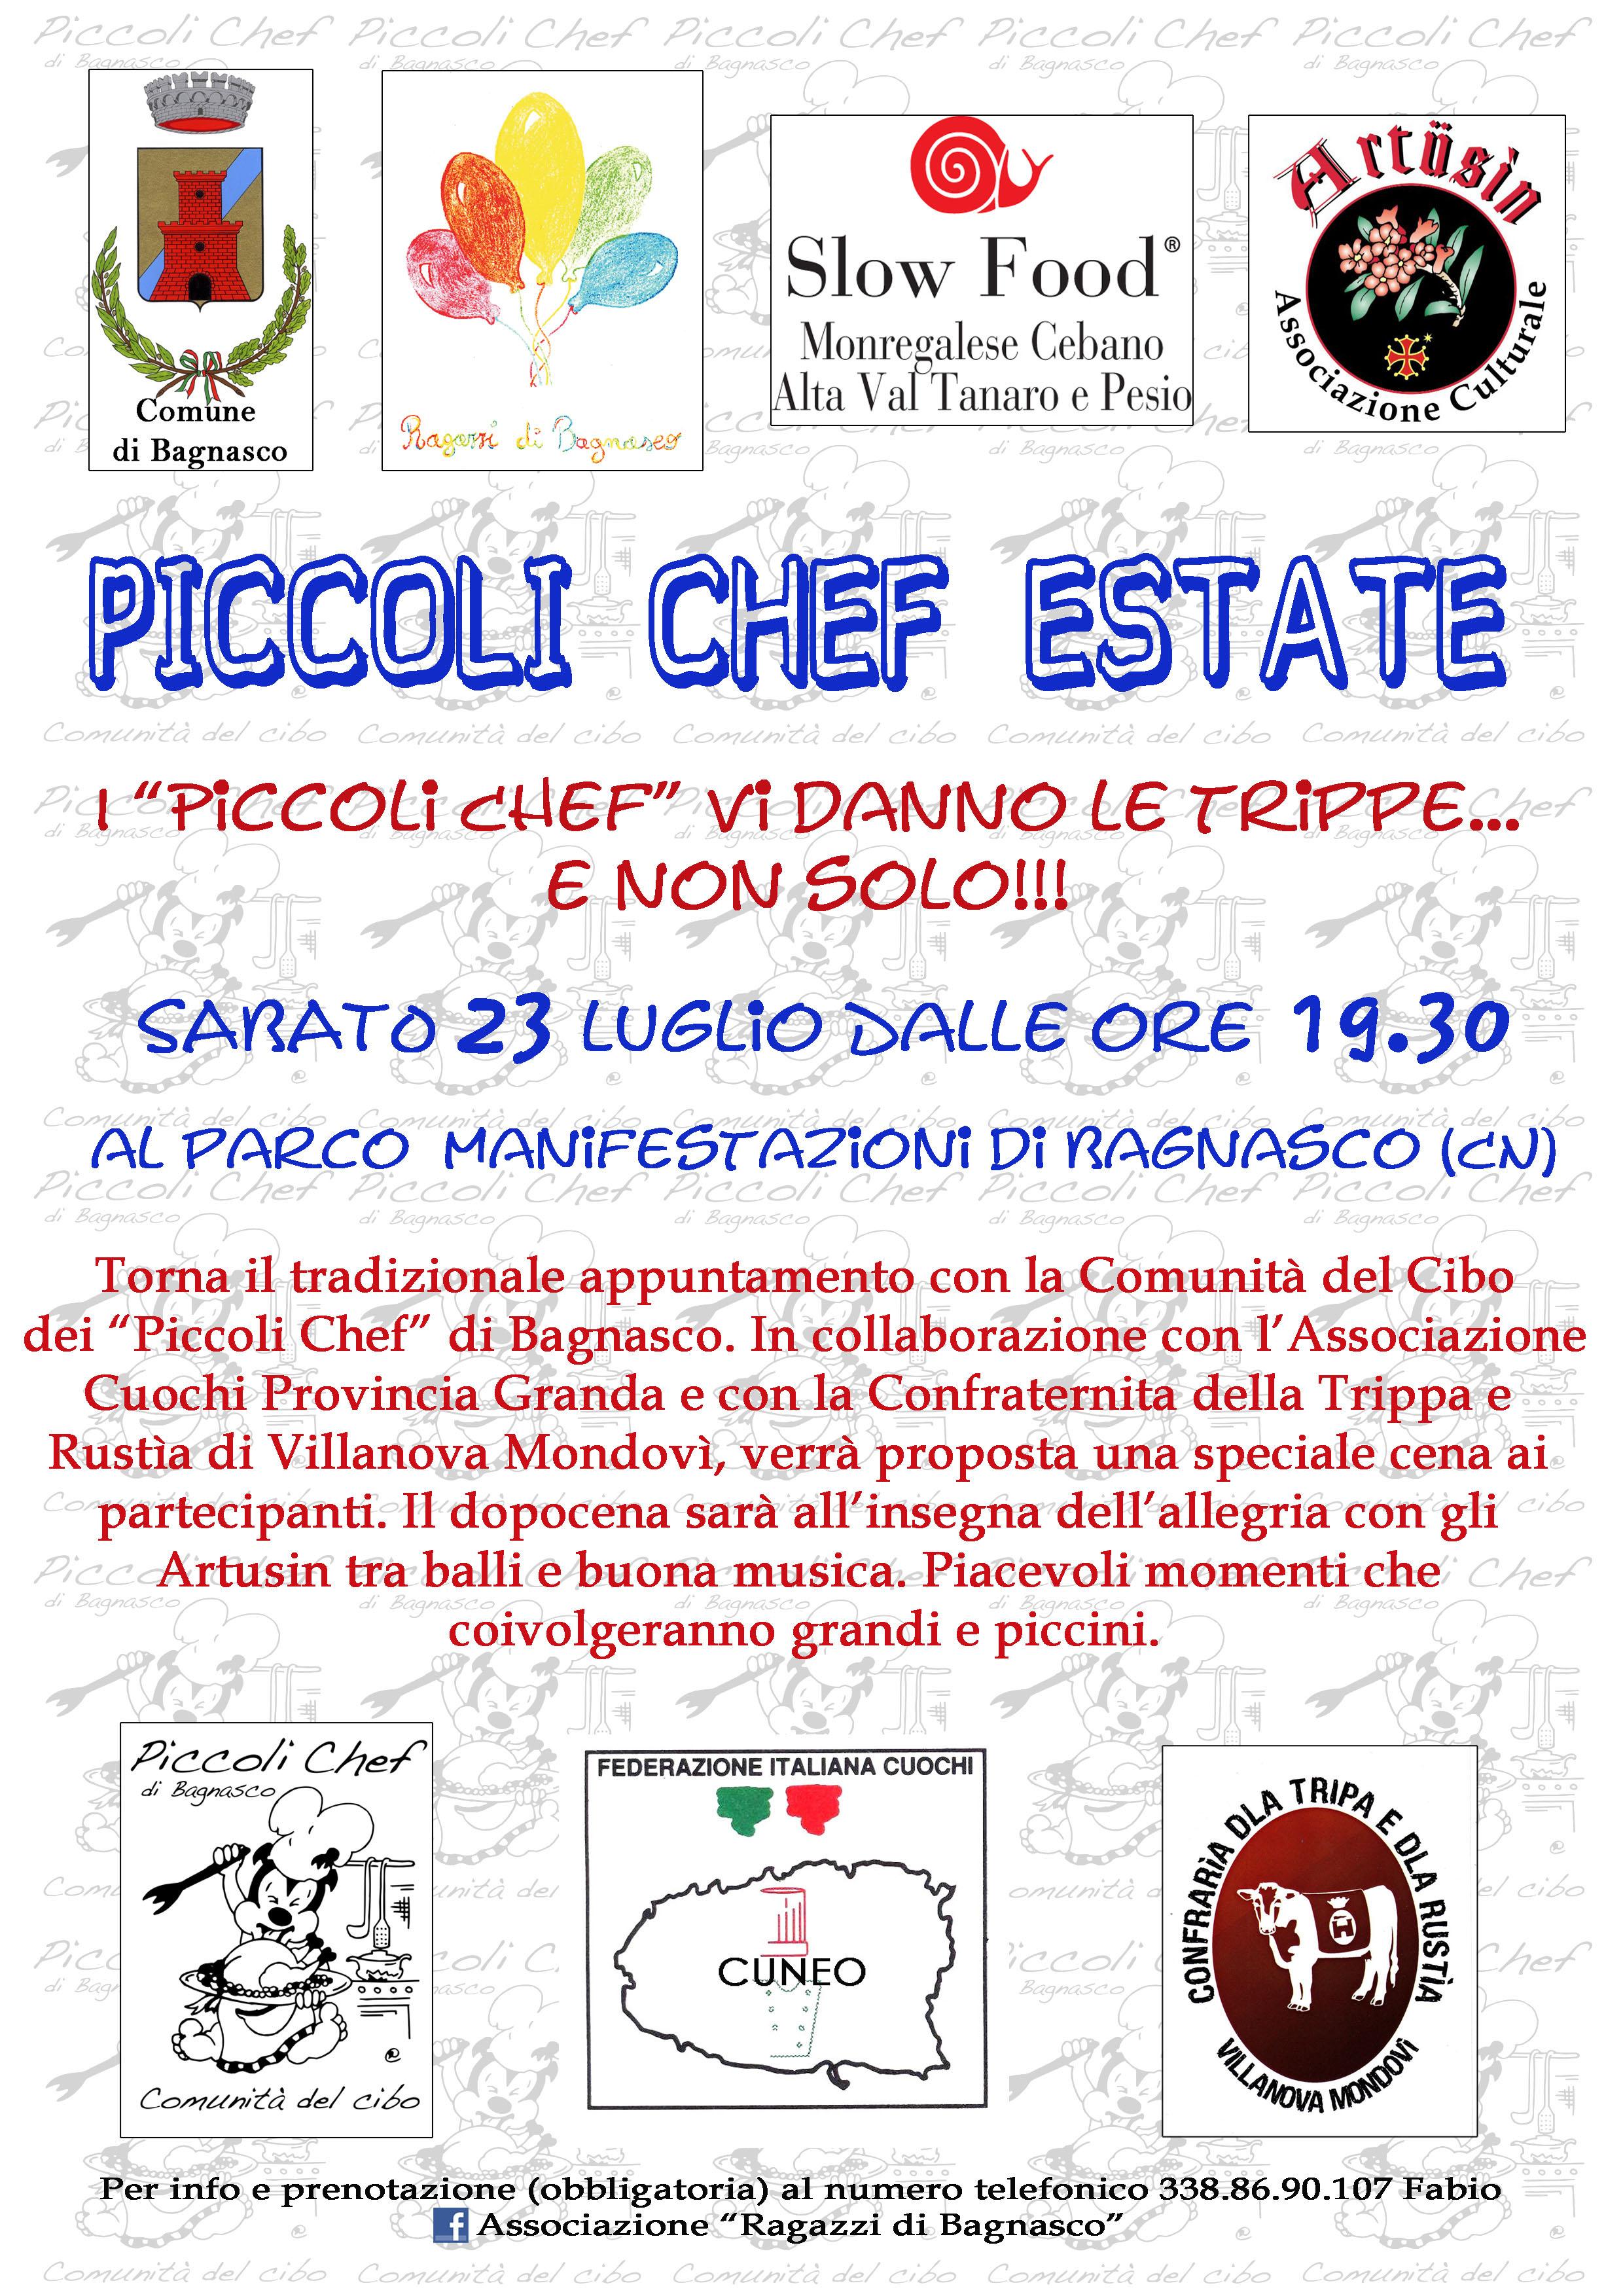 Piccoli chef estate 2016 (1)